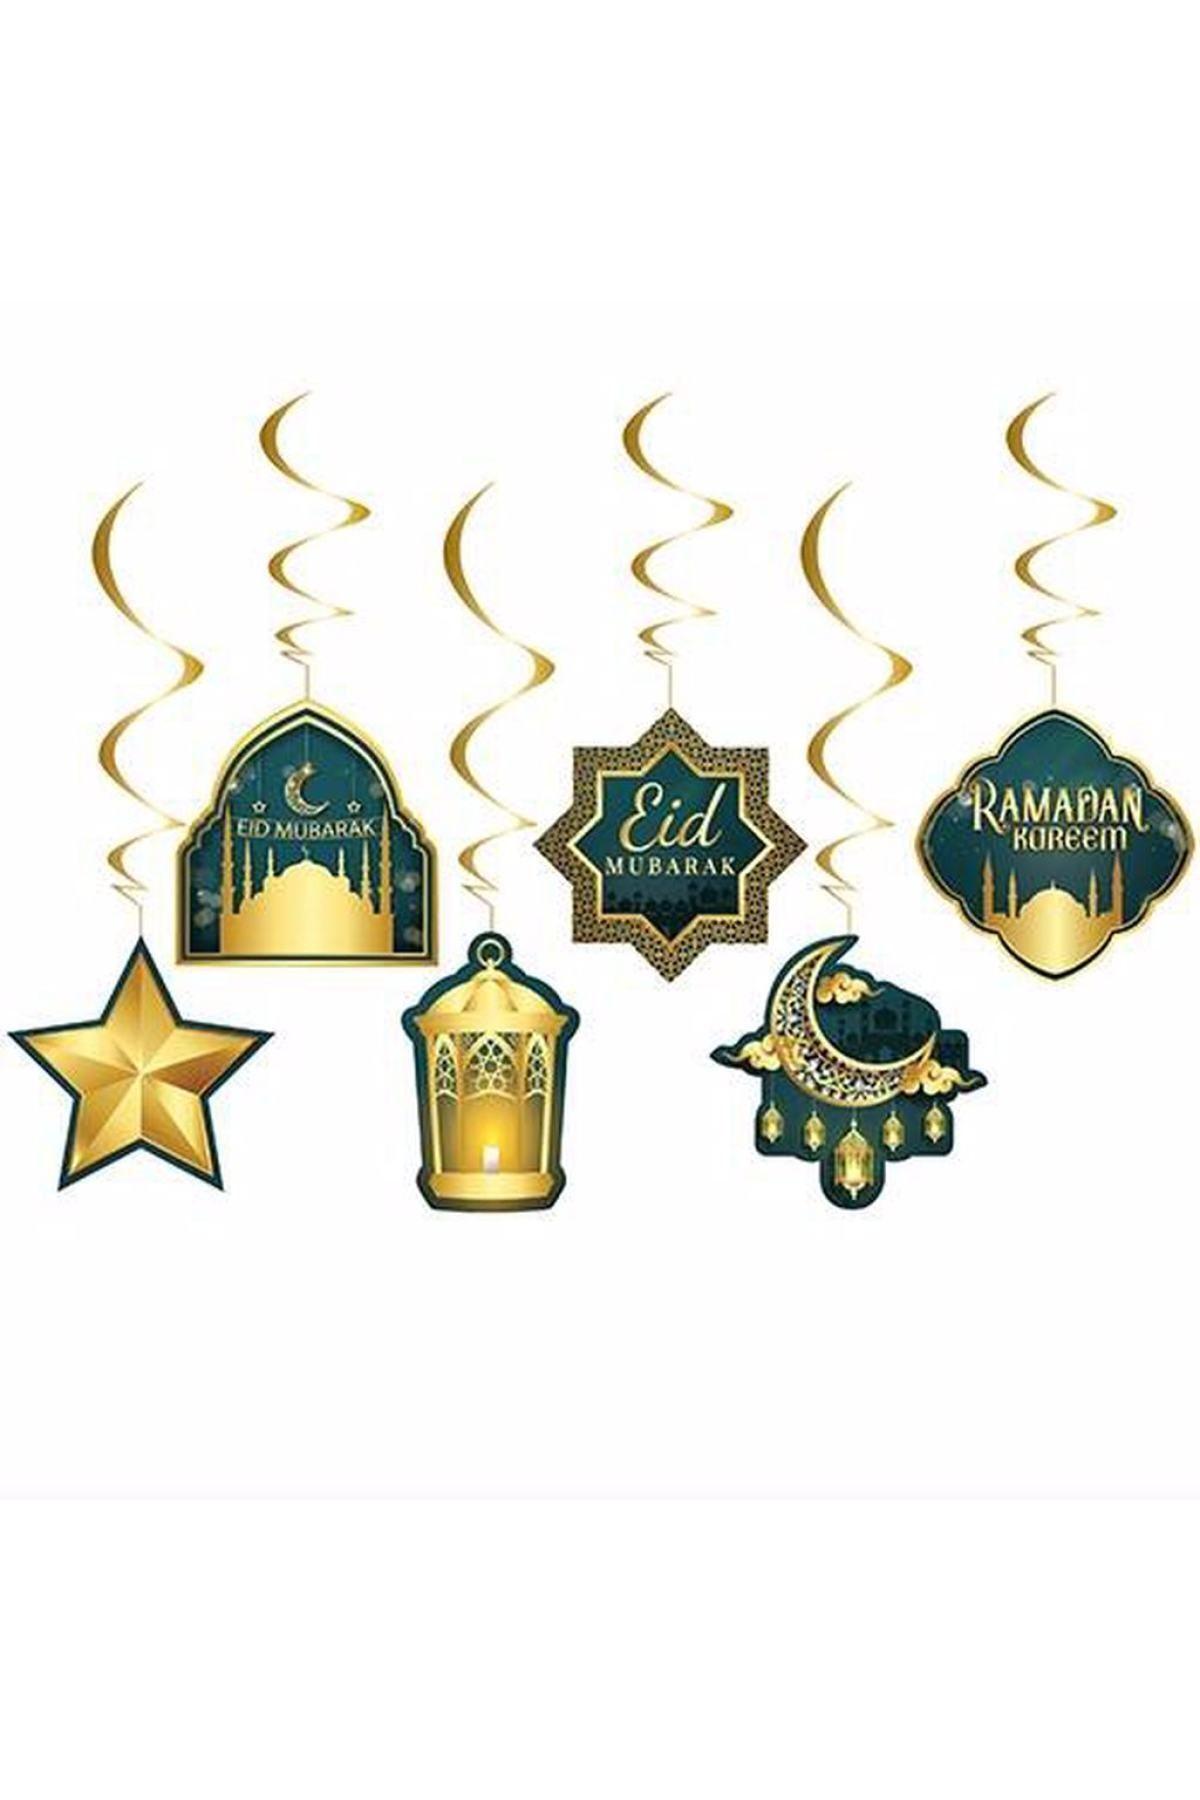 6'lı Tavan Süs Eid Mubarak Ramadan Kareem Temalı Sarkıt English İngilizce Dini İslami Süsü